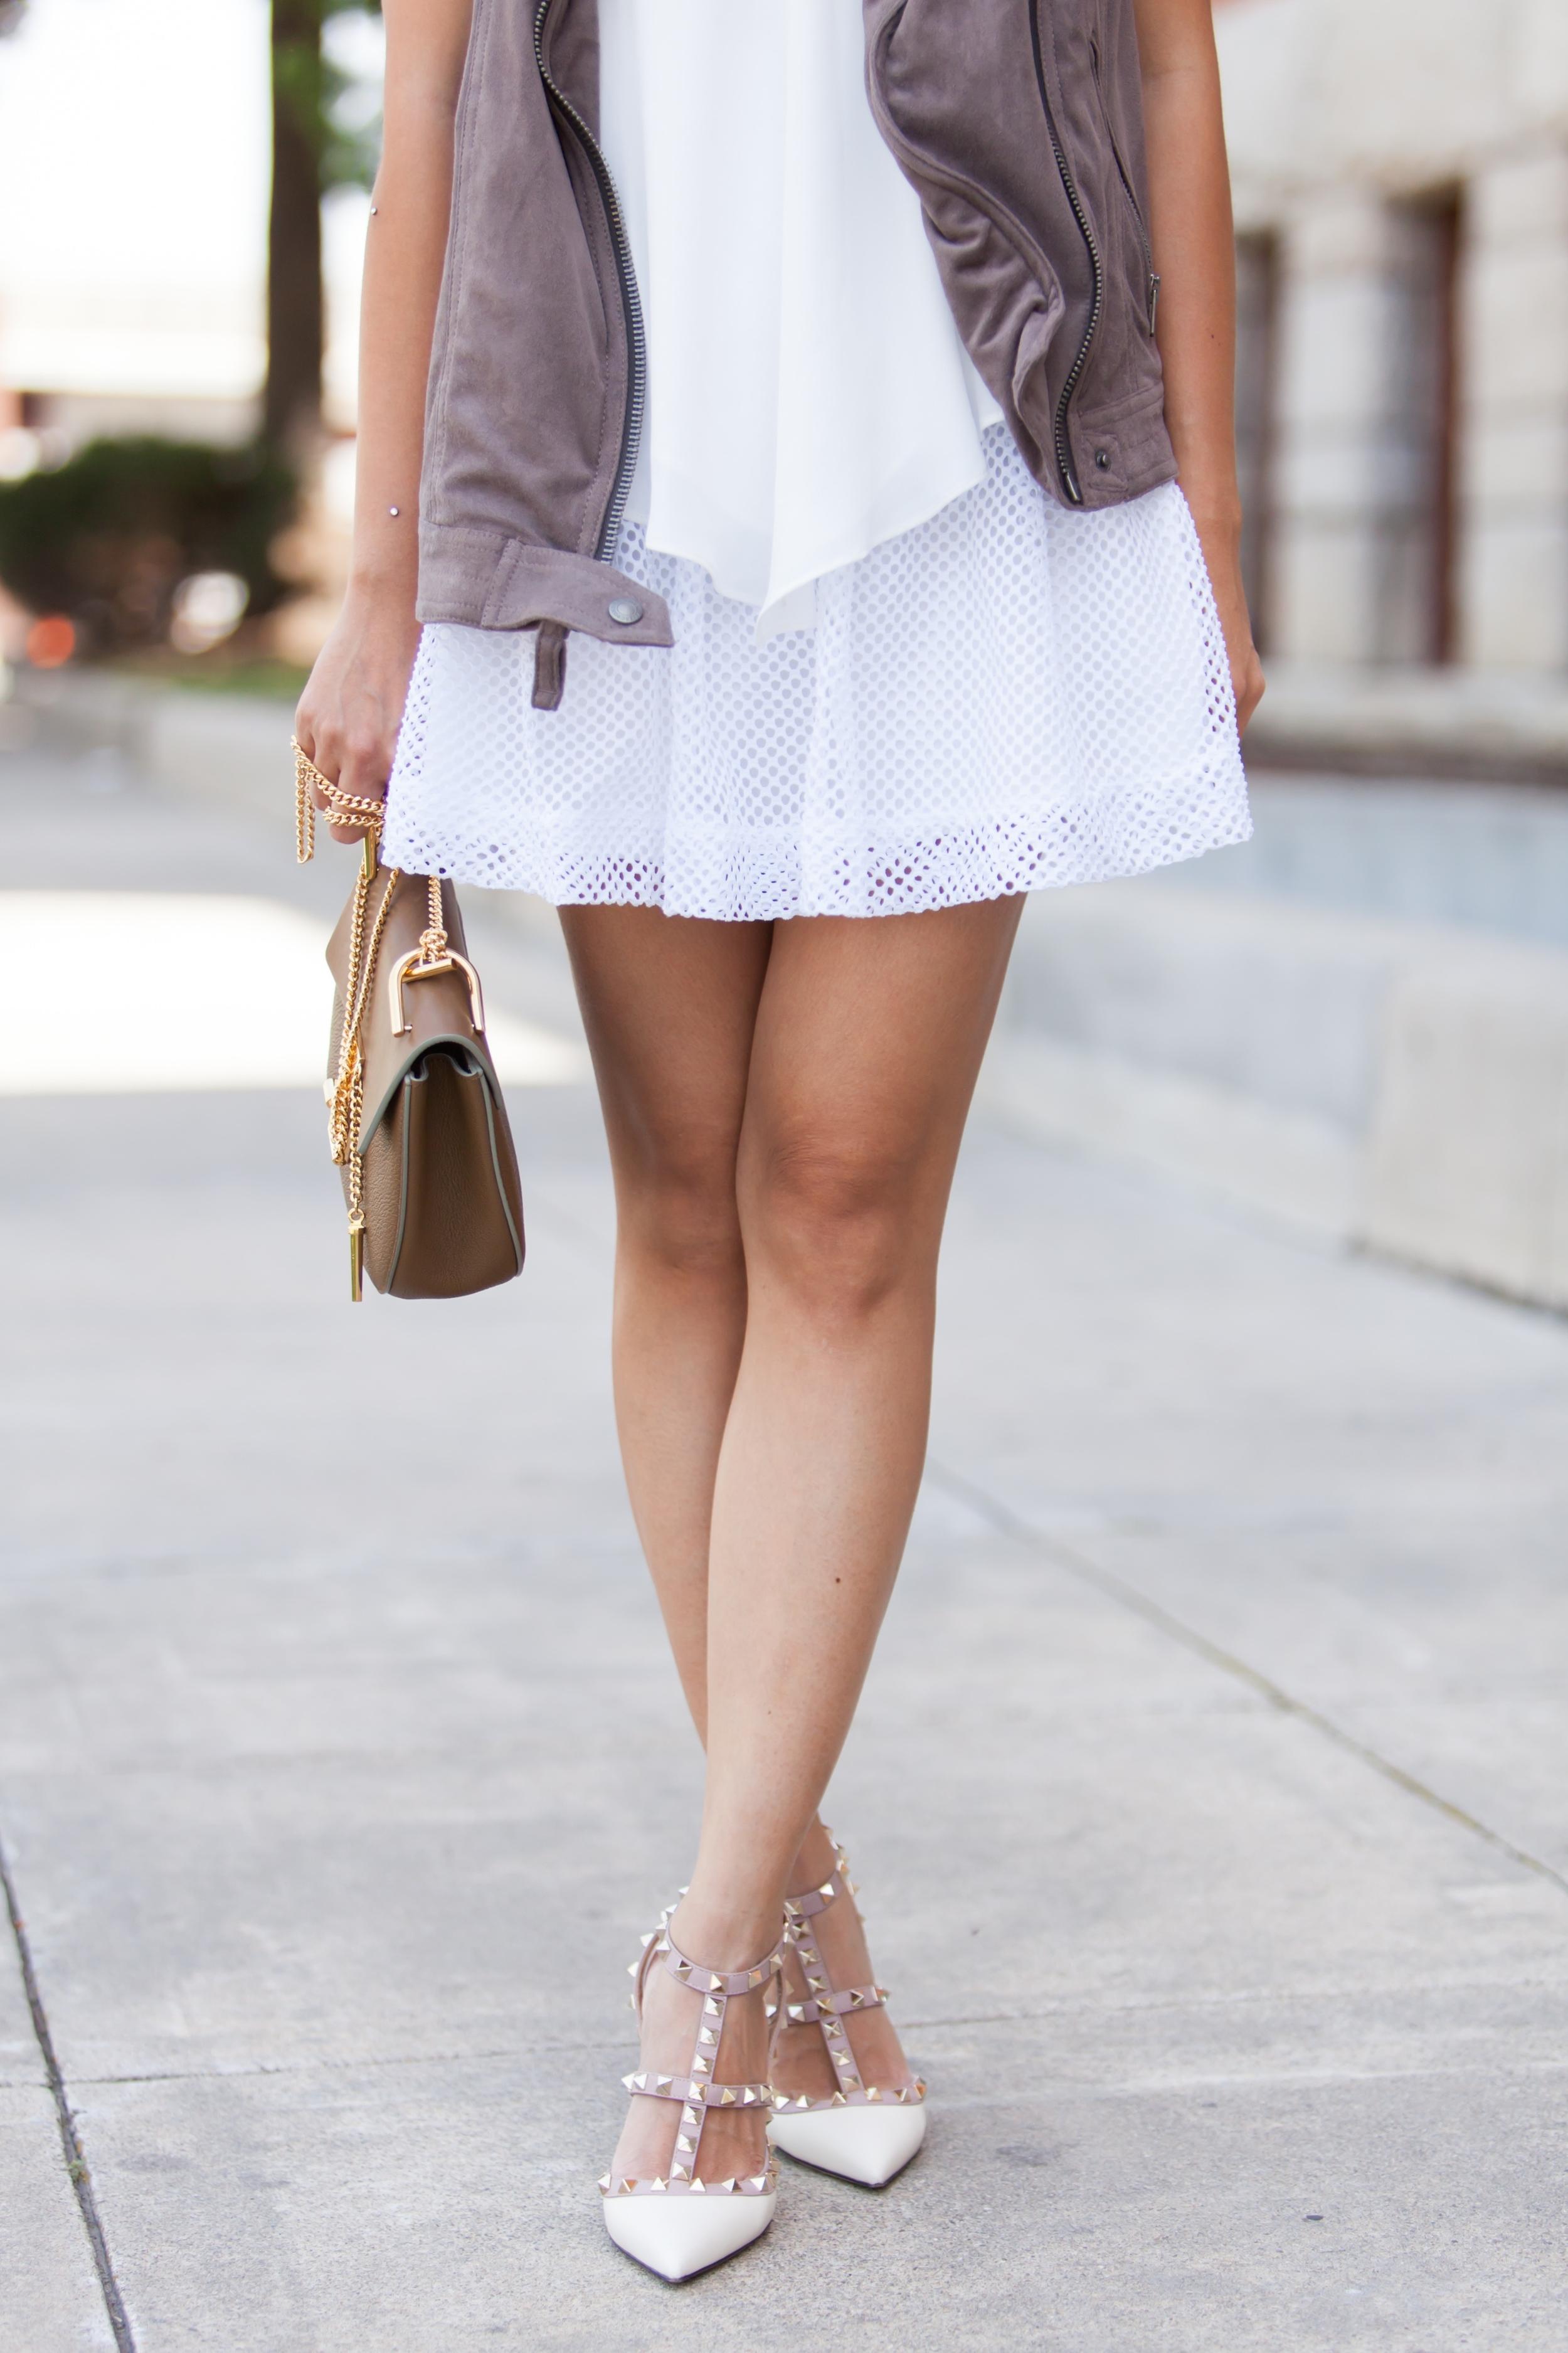 White Crochet Skirt (10 of 12)